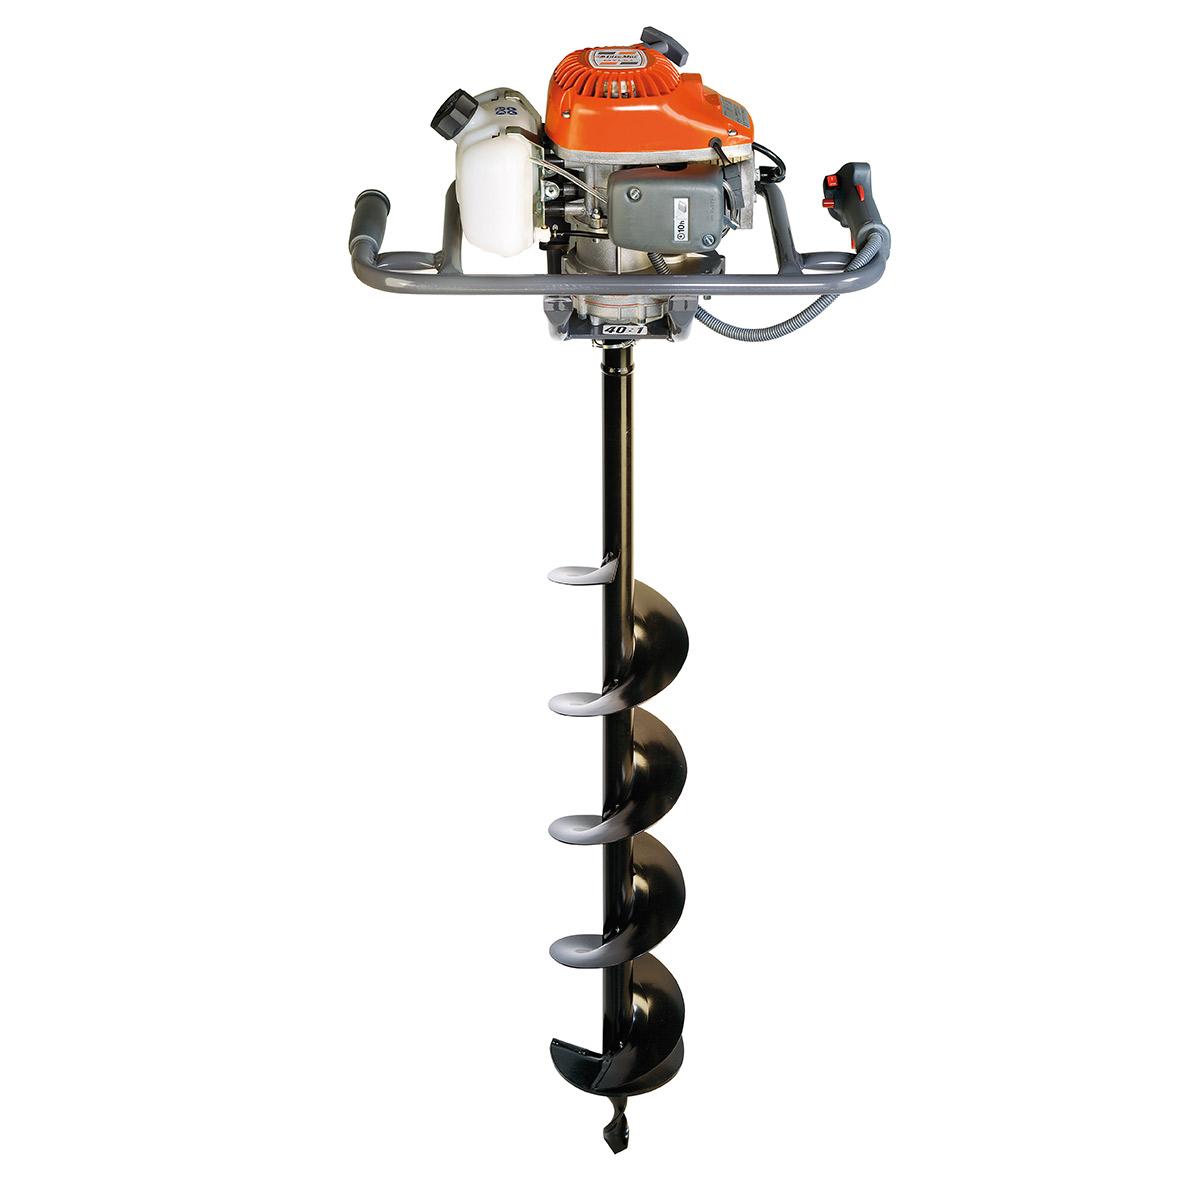 Mototrivella a scoppio / Trivella OLEOMAC MTL51 - 50,2 CC - 2,1 HP CON PUNTA